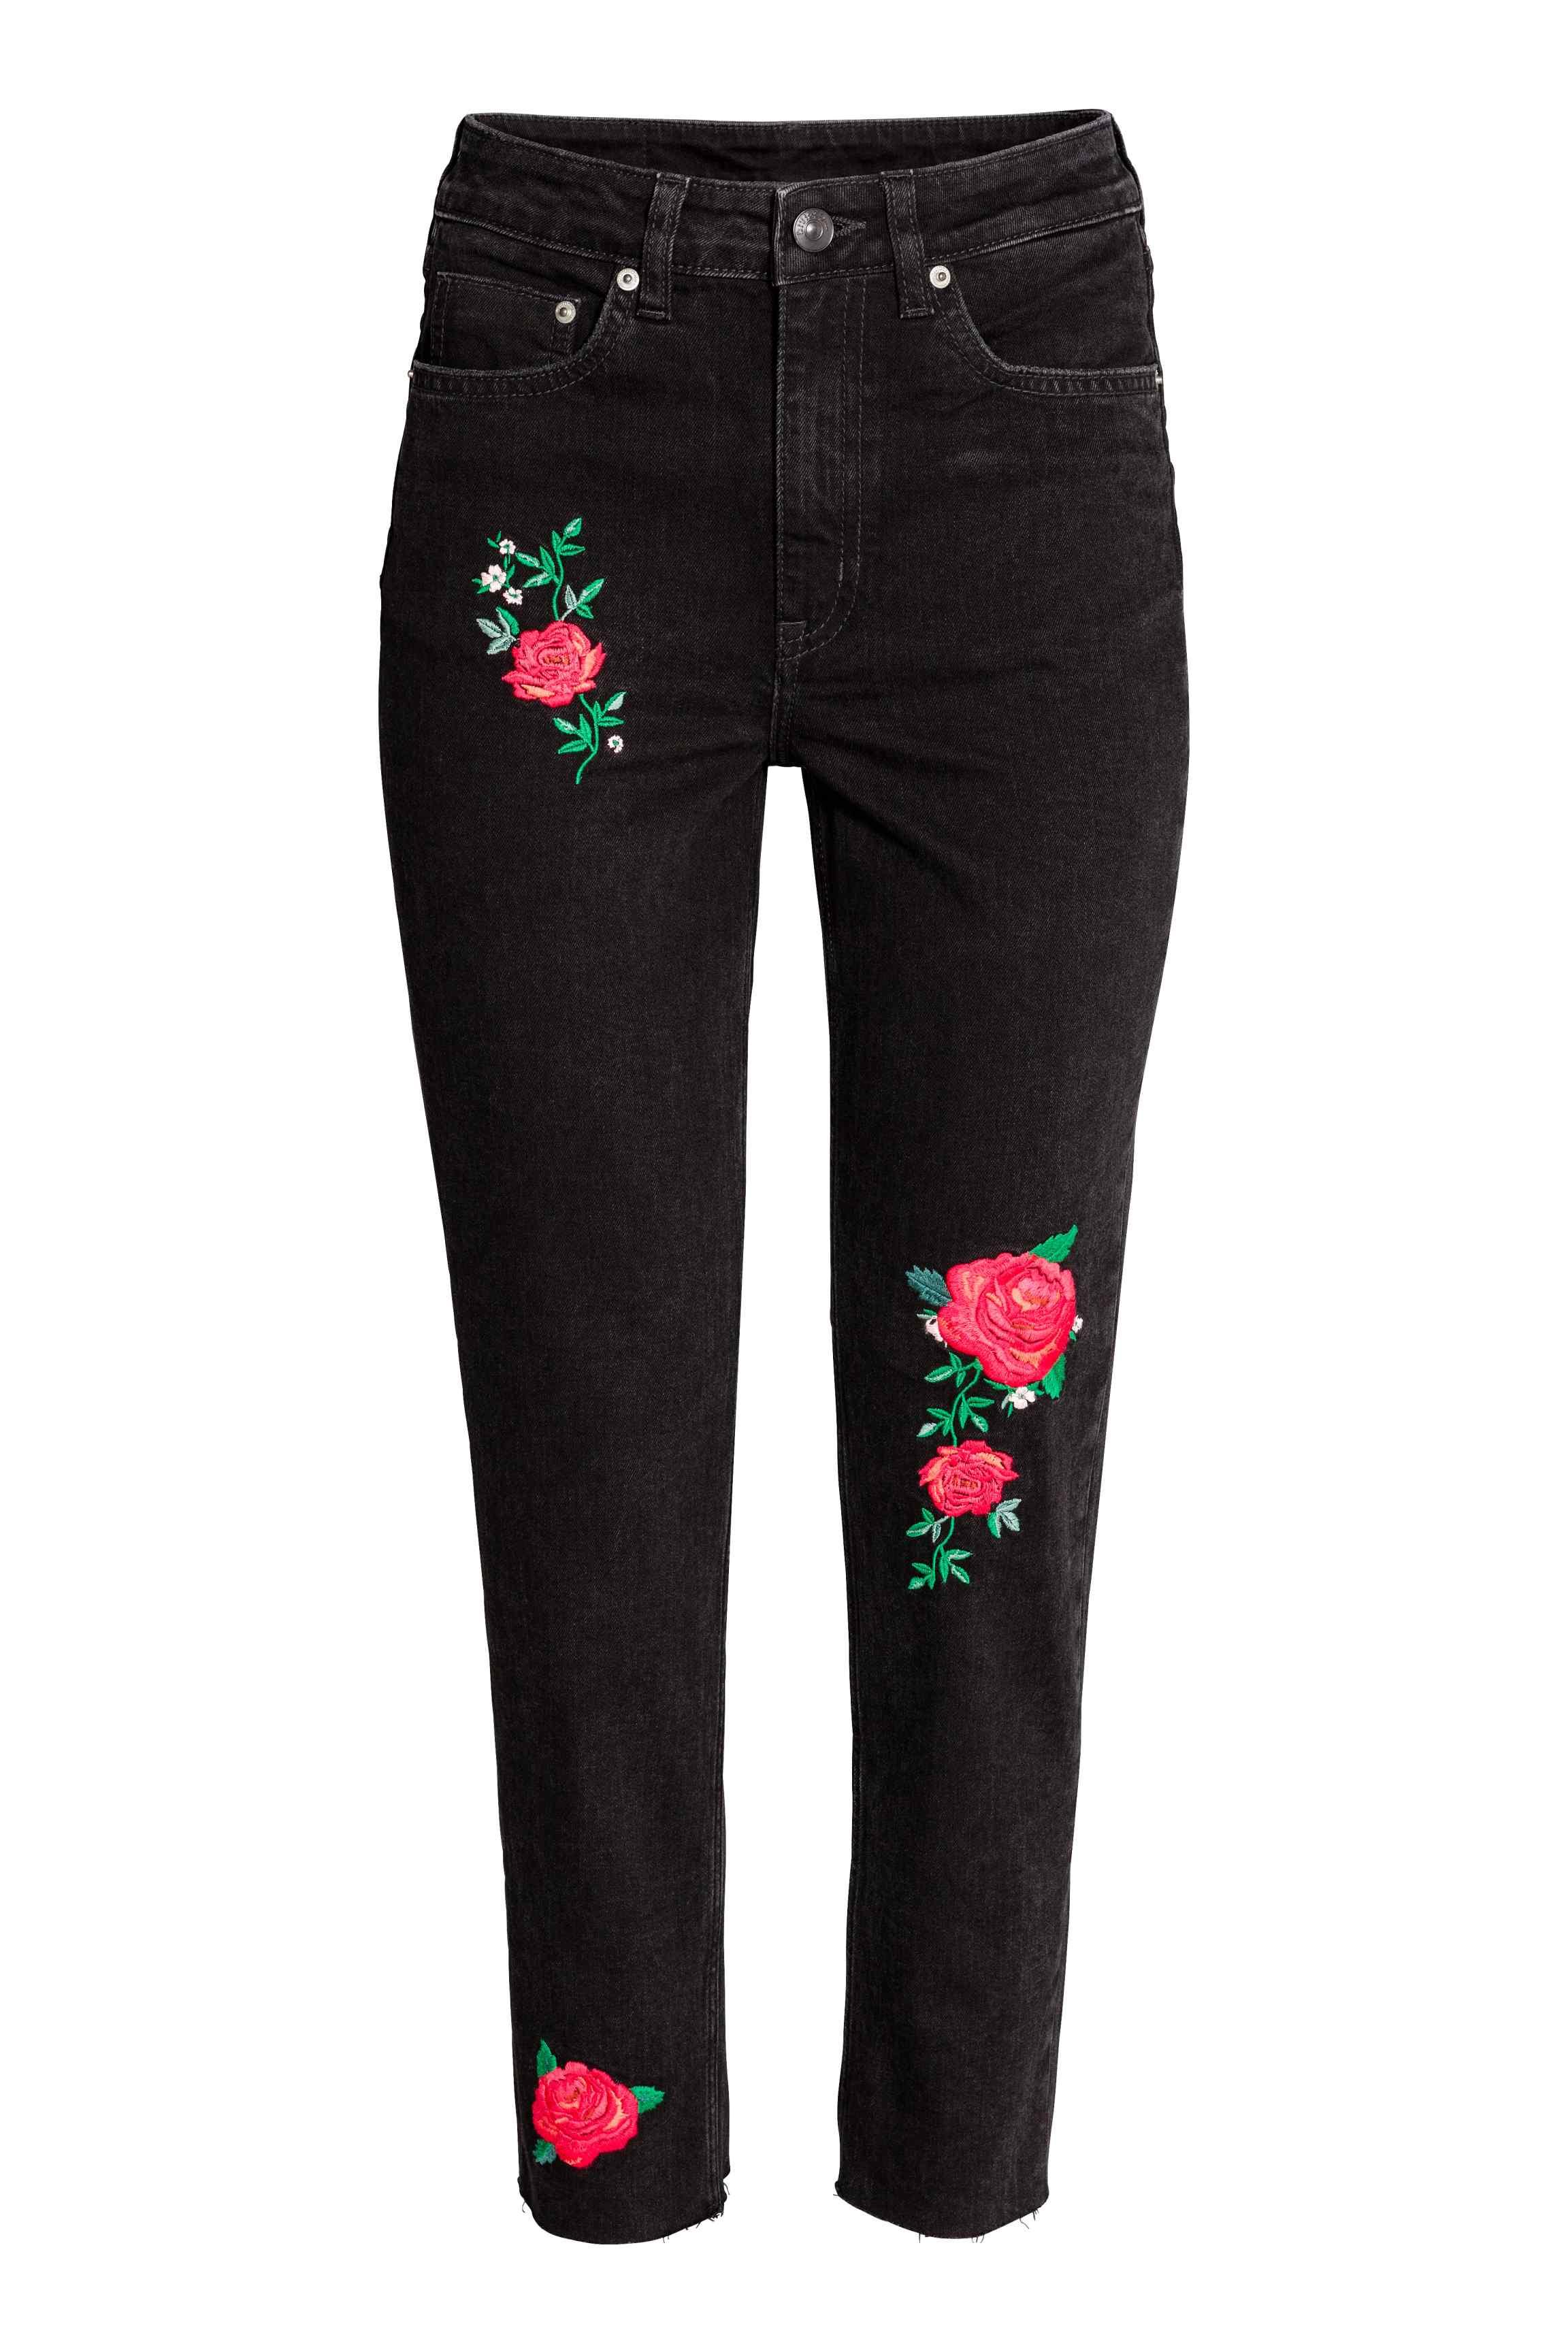 jean brod romantique h m 25 jeans brod s qui nous font de l il elle. Black Bedroom Furniture Sets. Home Design Ideas